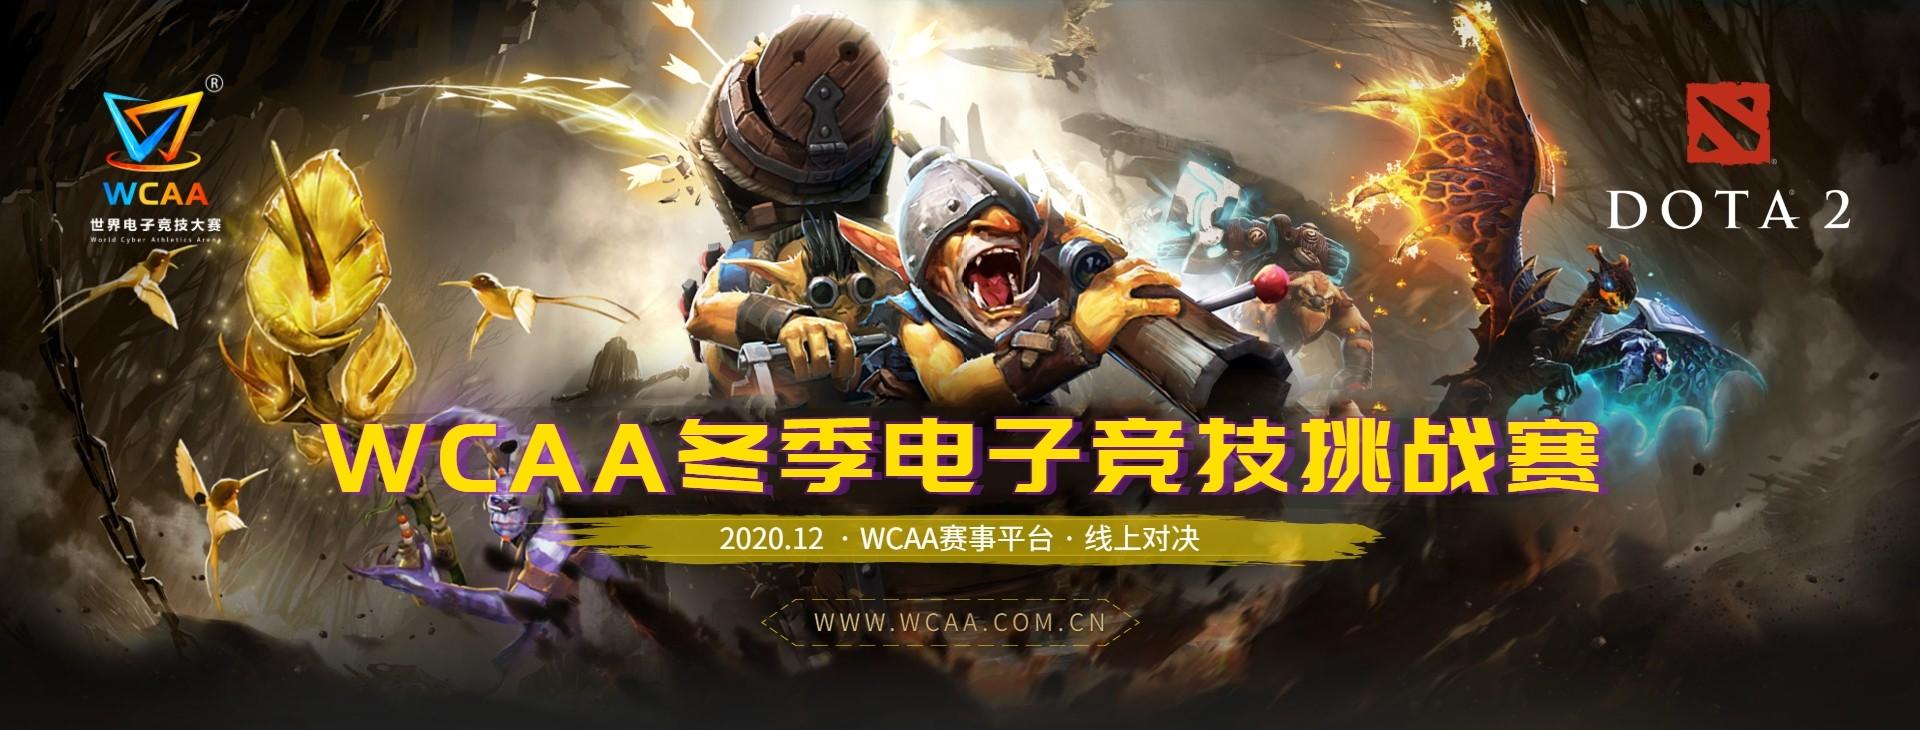 十支职业战队集齐,WCAA冬季电子竞技挑战赛今日开战